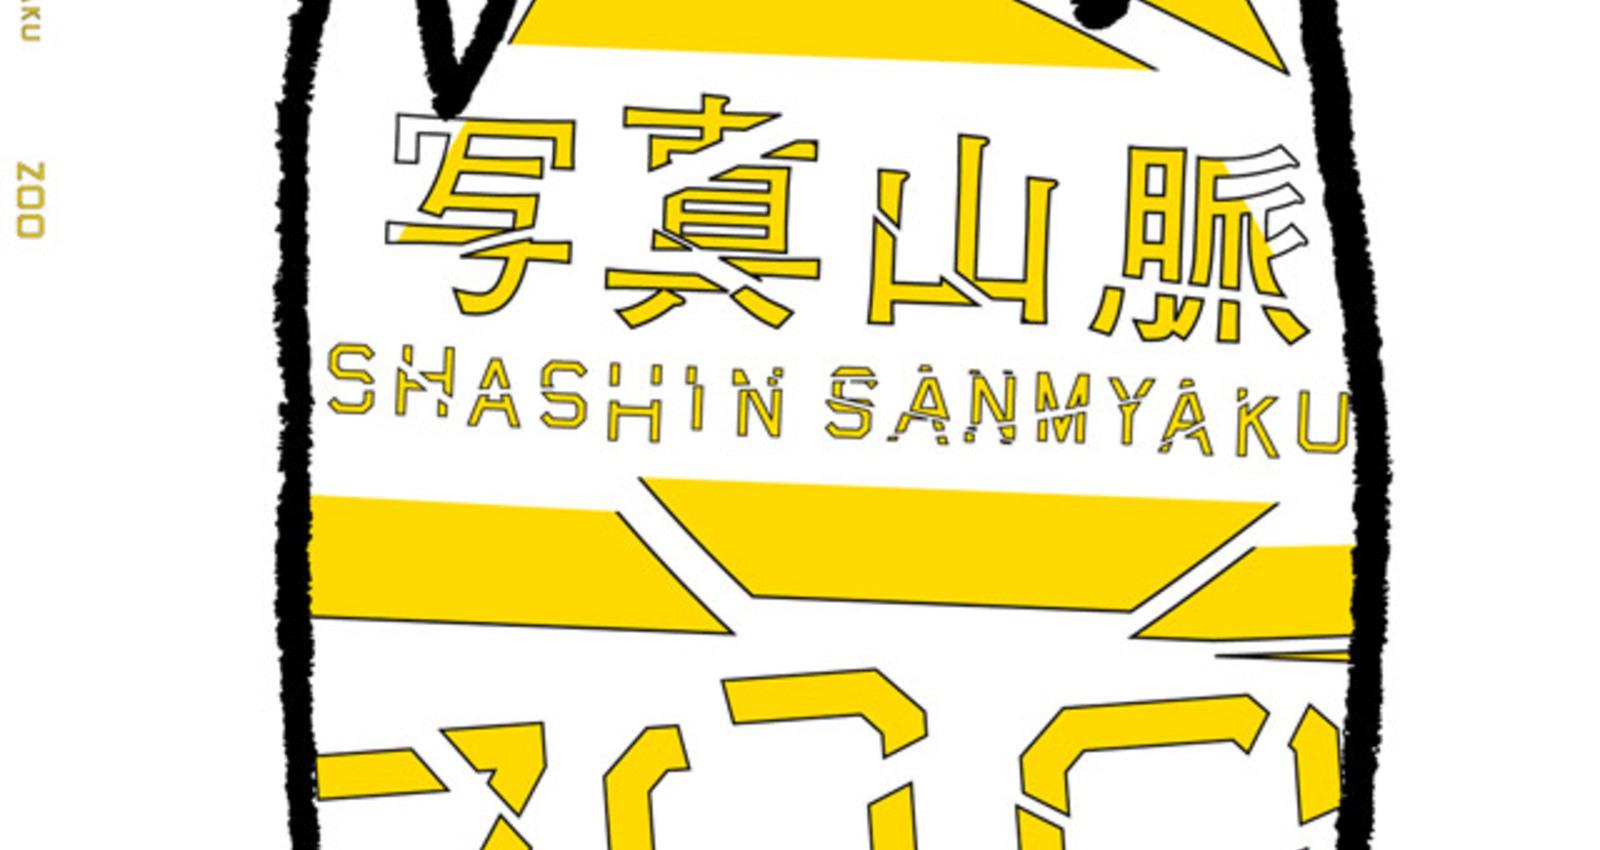 SHASHINSANMYAKU-ZOO-